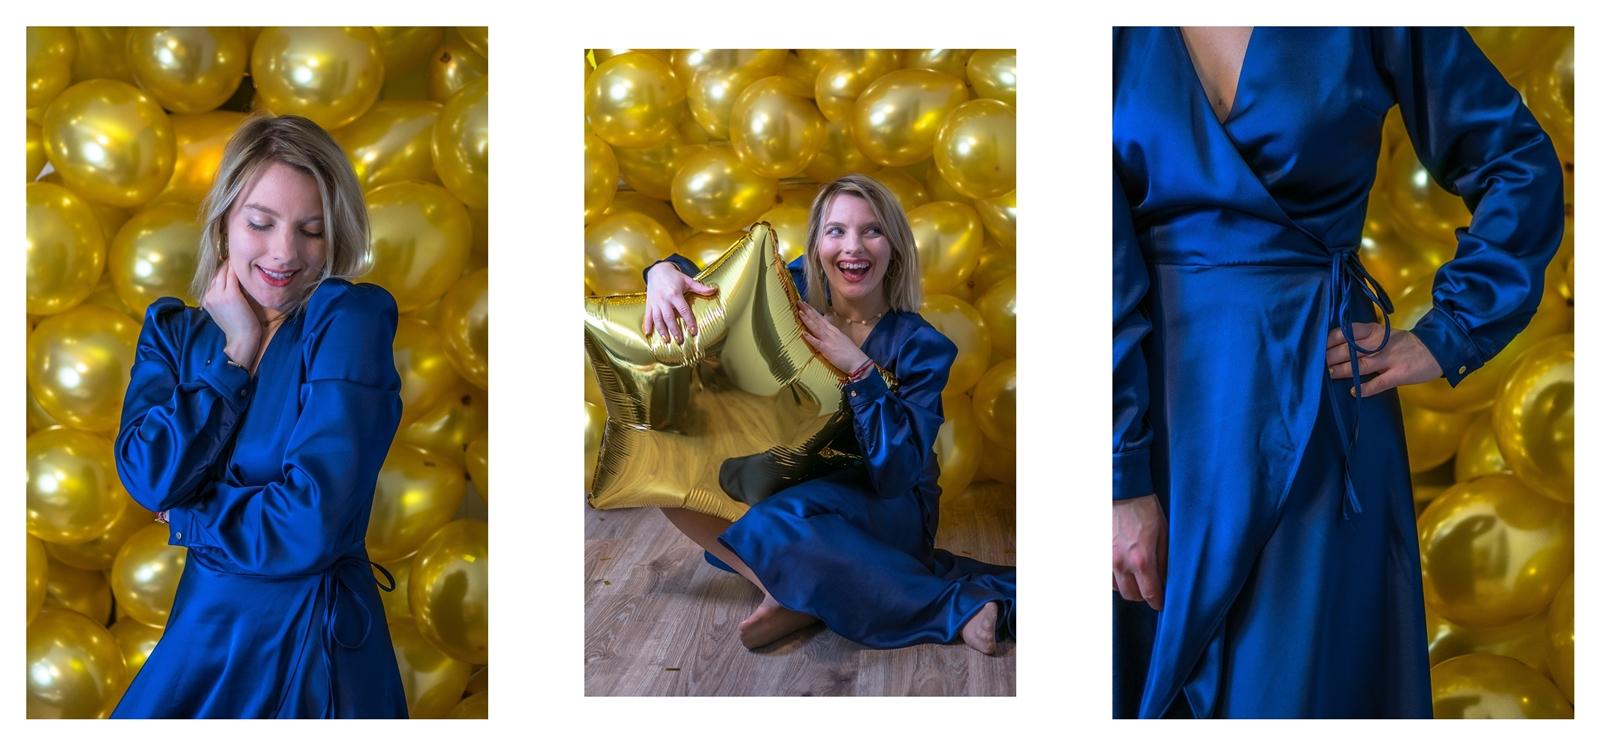 2a sukienki sylwestrowe z długim rękawem z dekoltem z frędzlami i cekinami błyszczące w co się ubrać na sylwestra jak się ubrać na bal sylwestrowy szkolny studniówkowy studniówka stylizacja